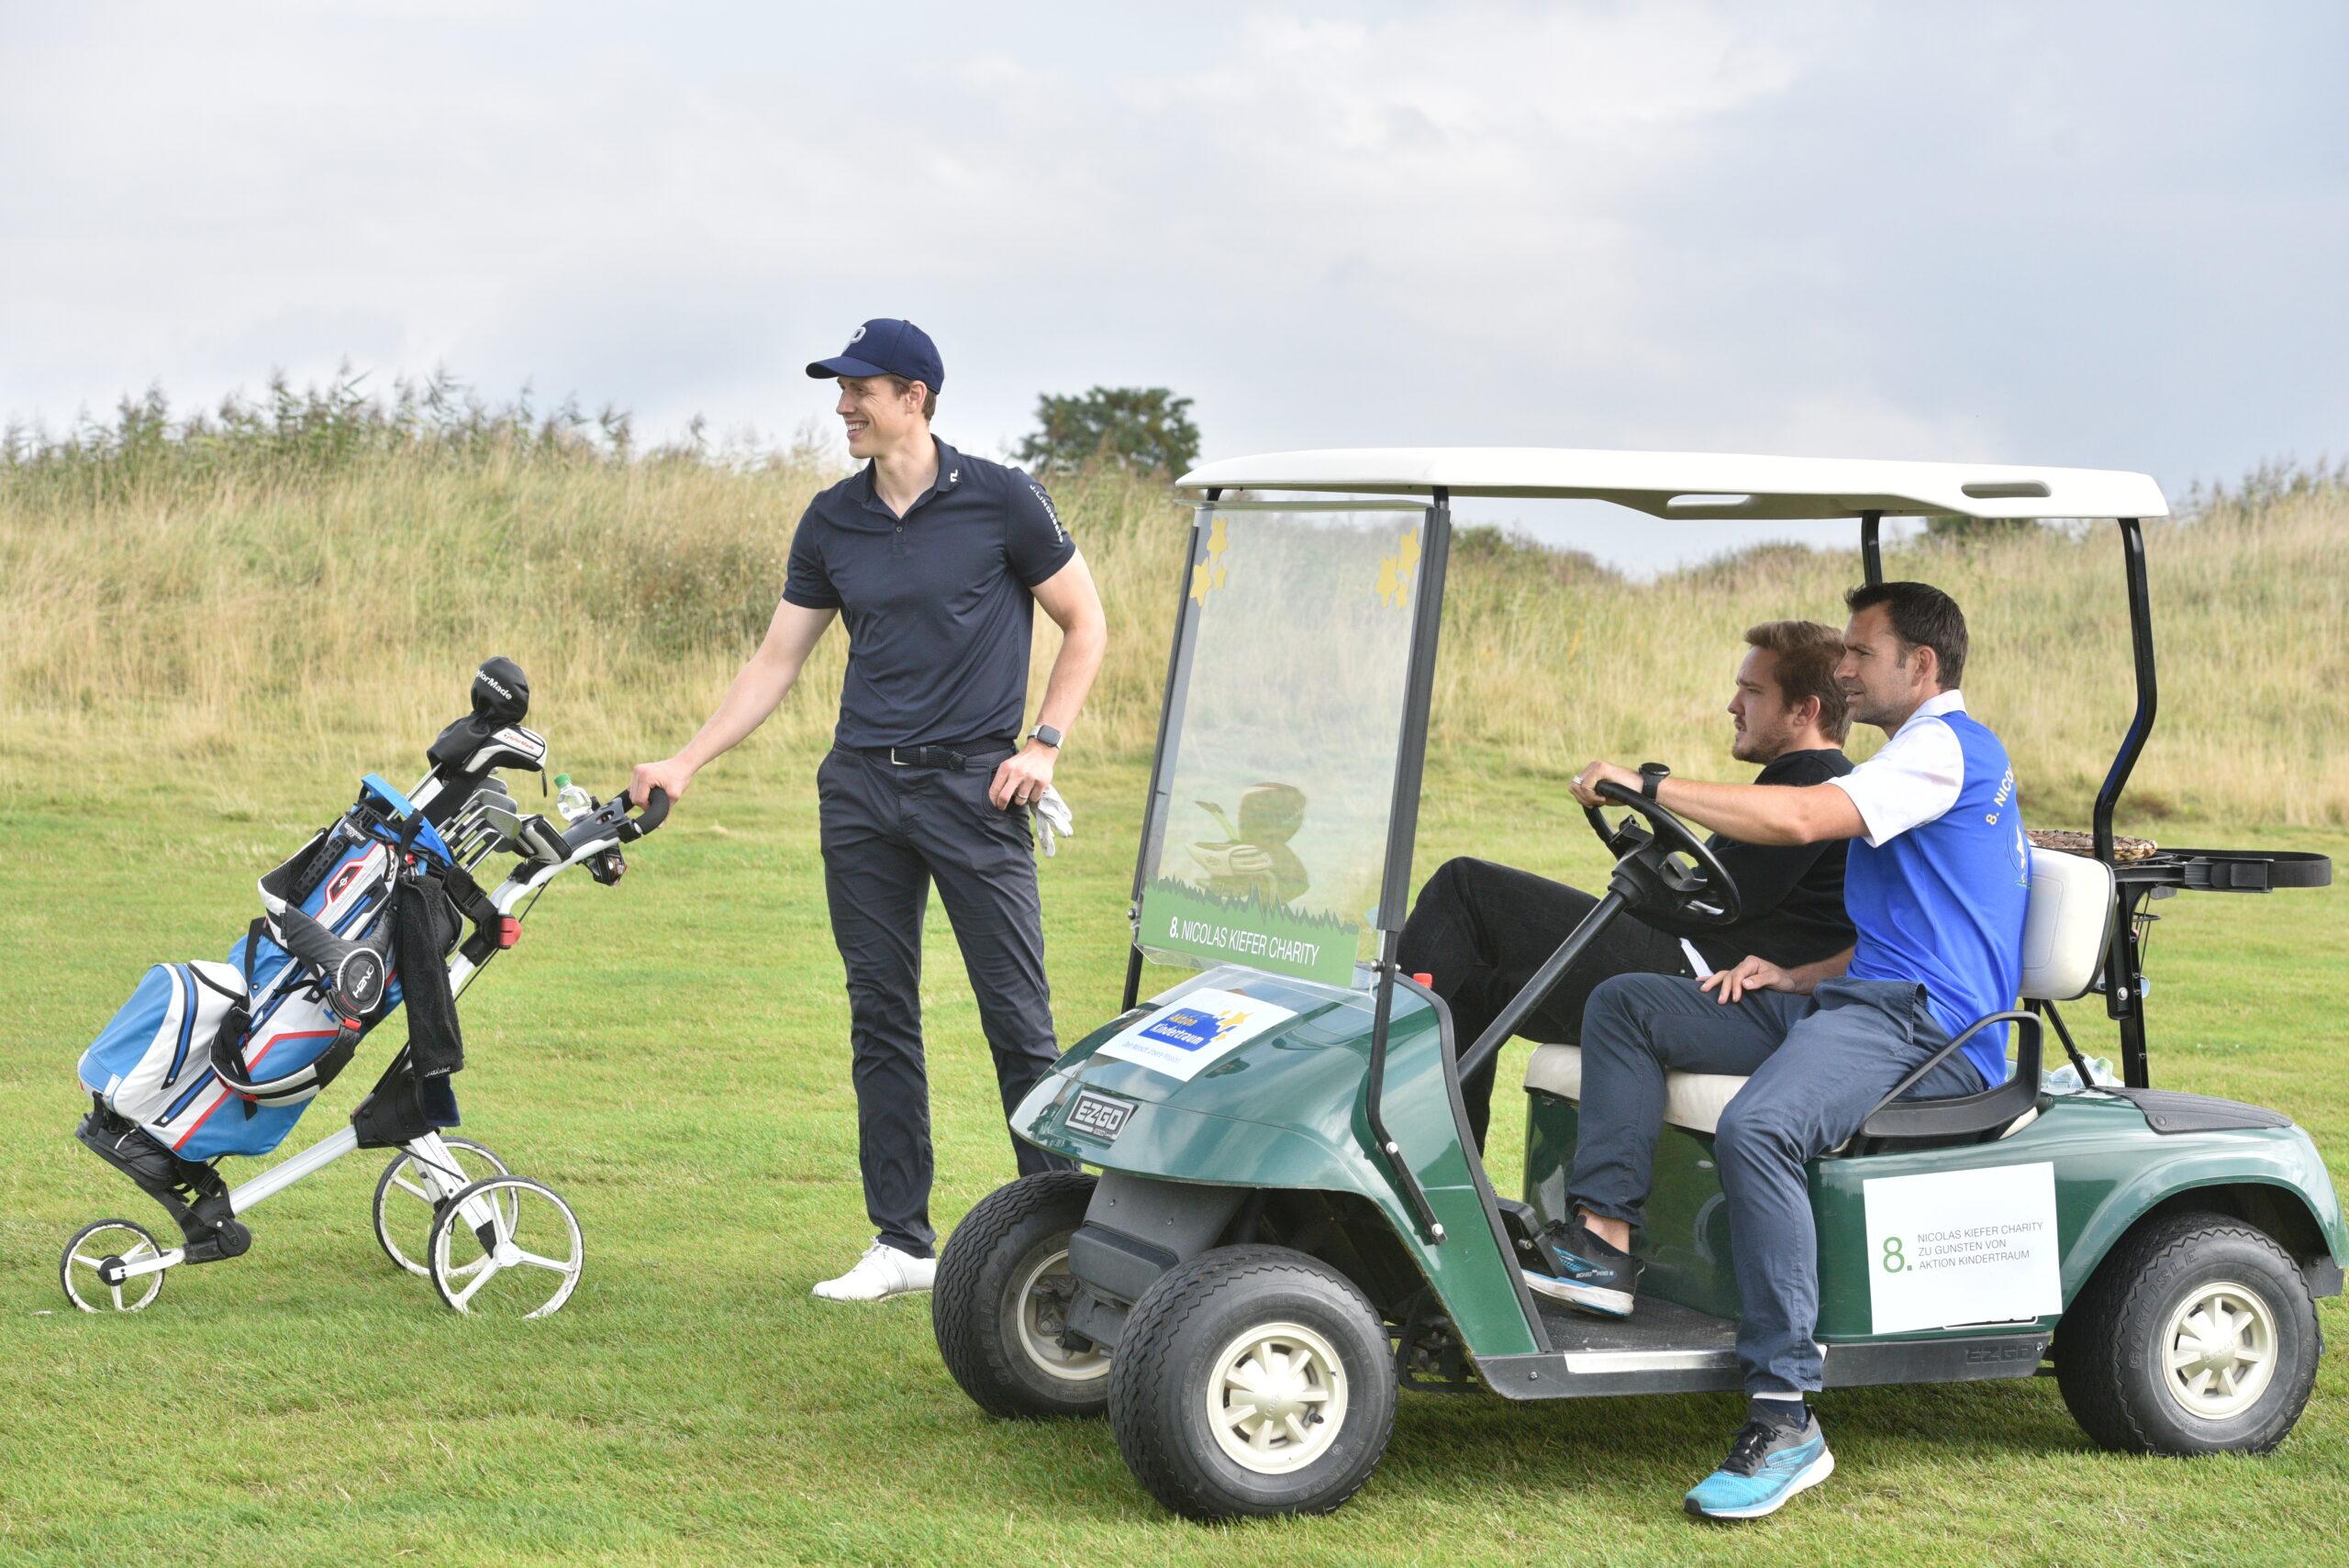 20210911 HS 53072 scaled - 8. Nicolas Kiefer Charity zu Gunsten von Aktion Kindertraum auf dem Golfplatz in Gleidingen